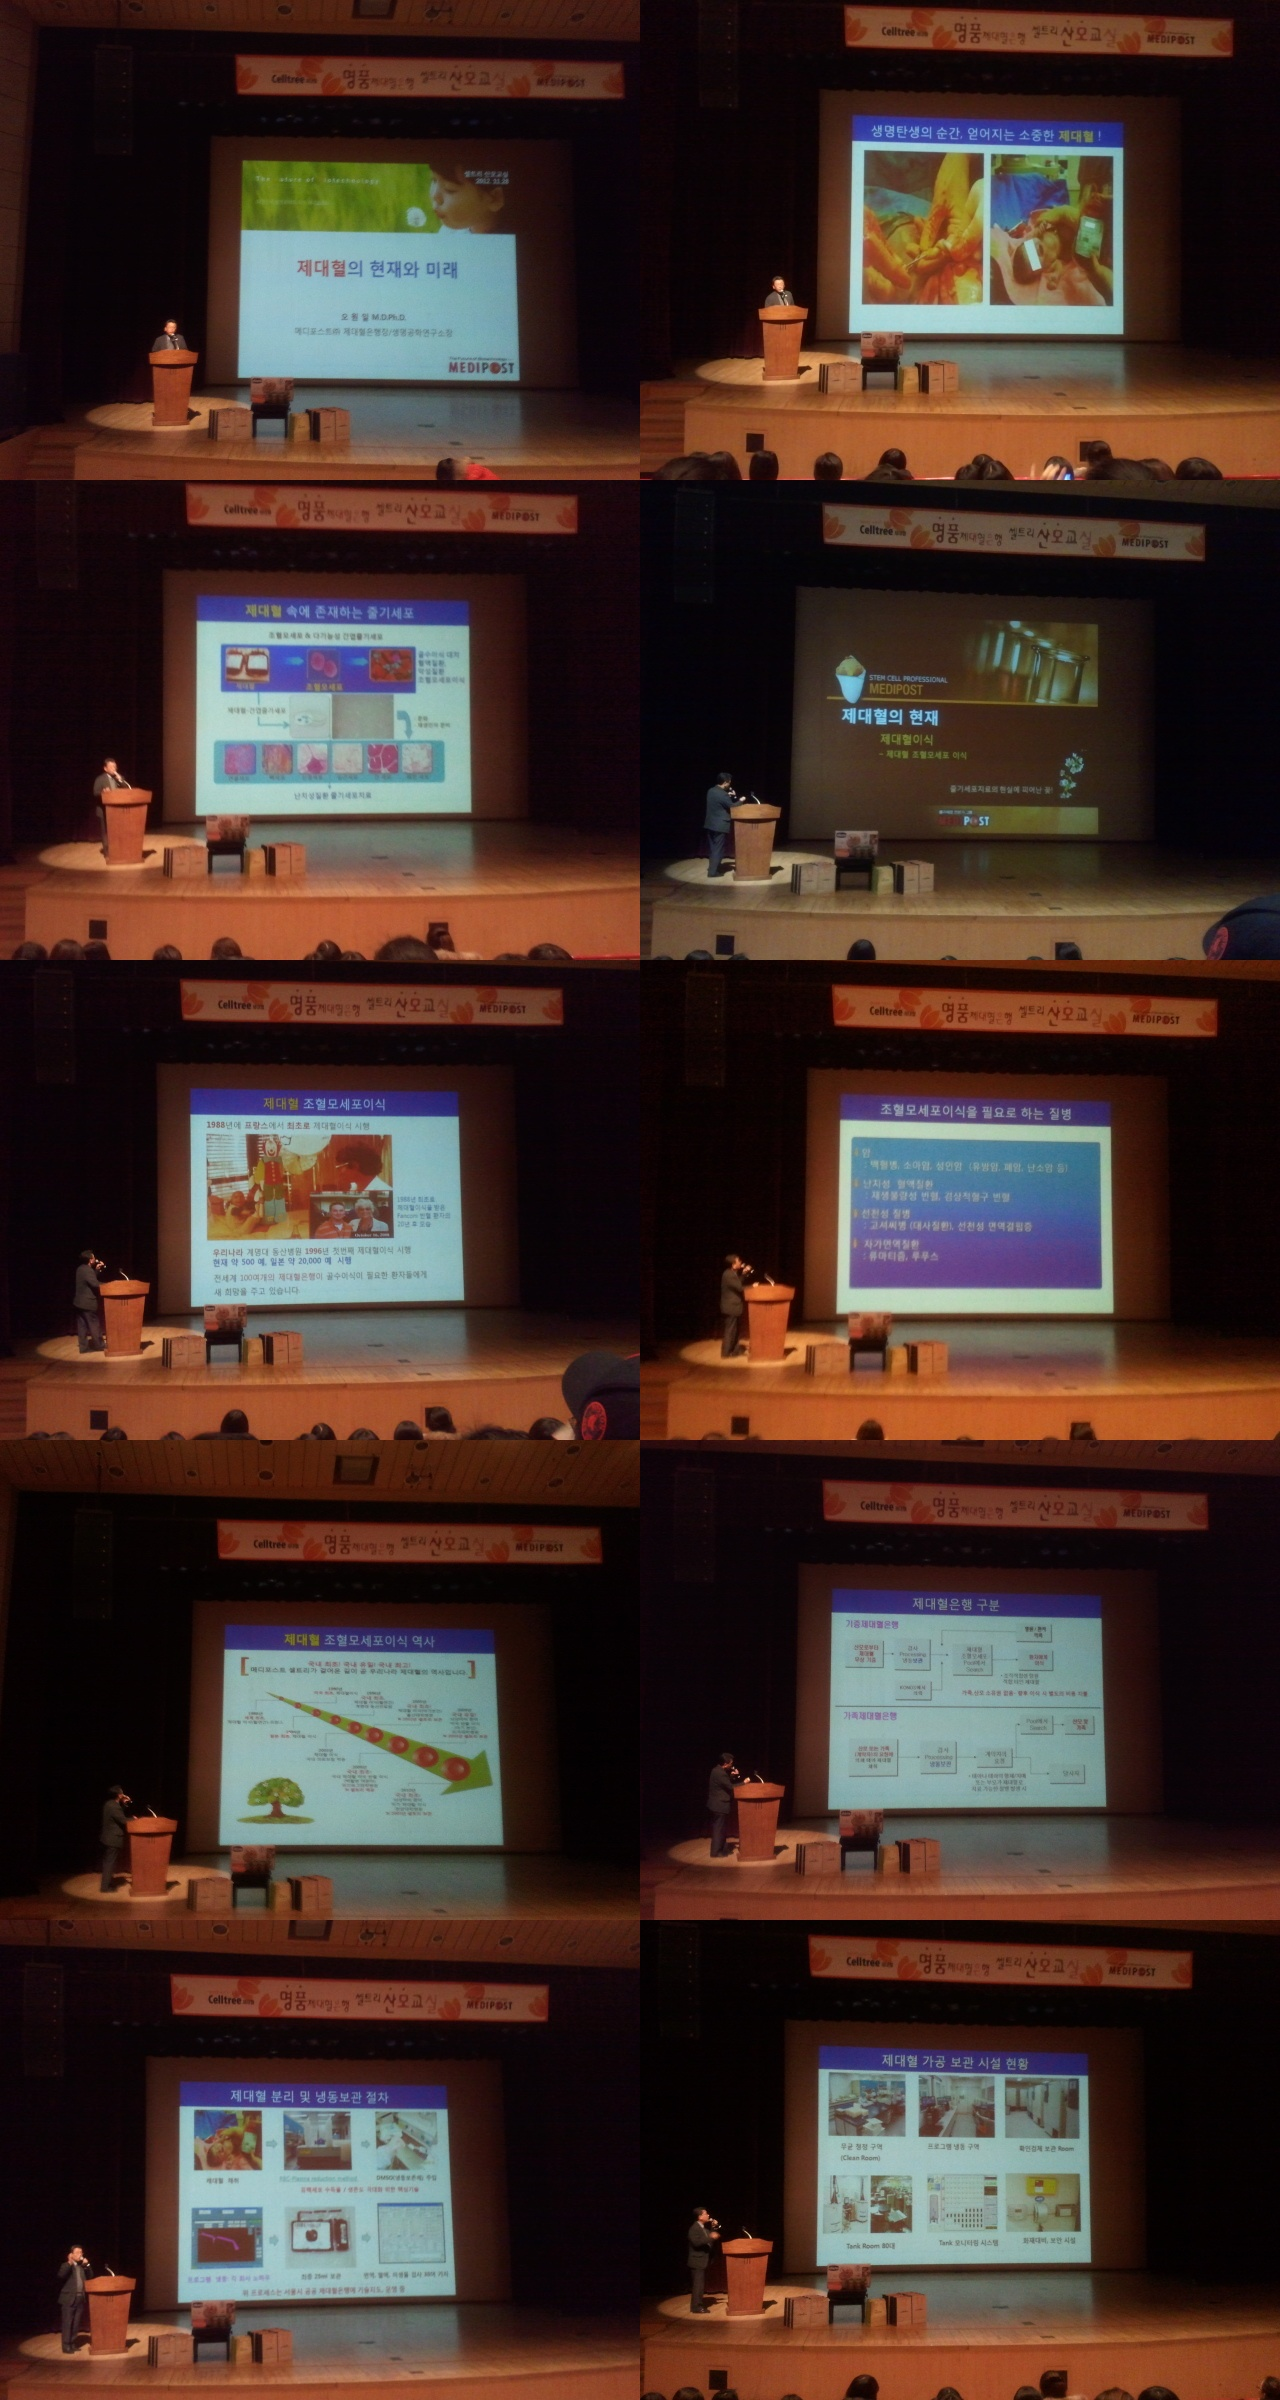 2012-11-28_15.32-tile.jpg